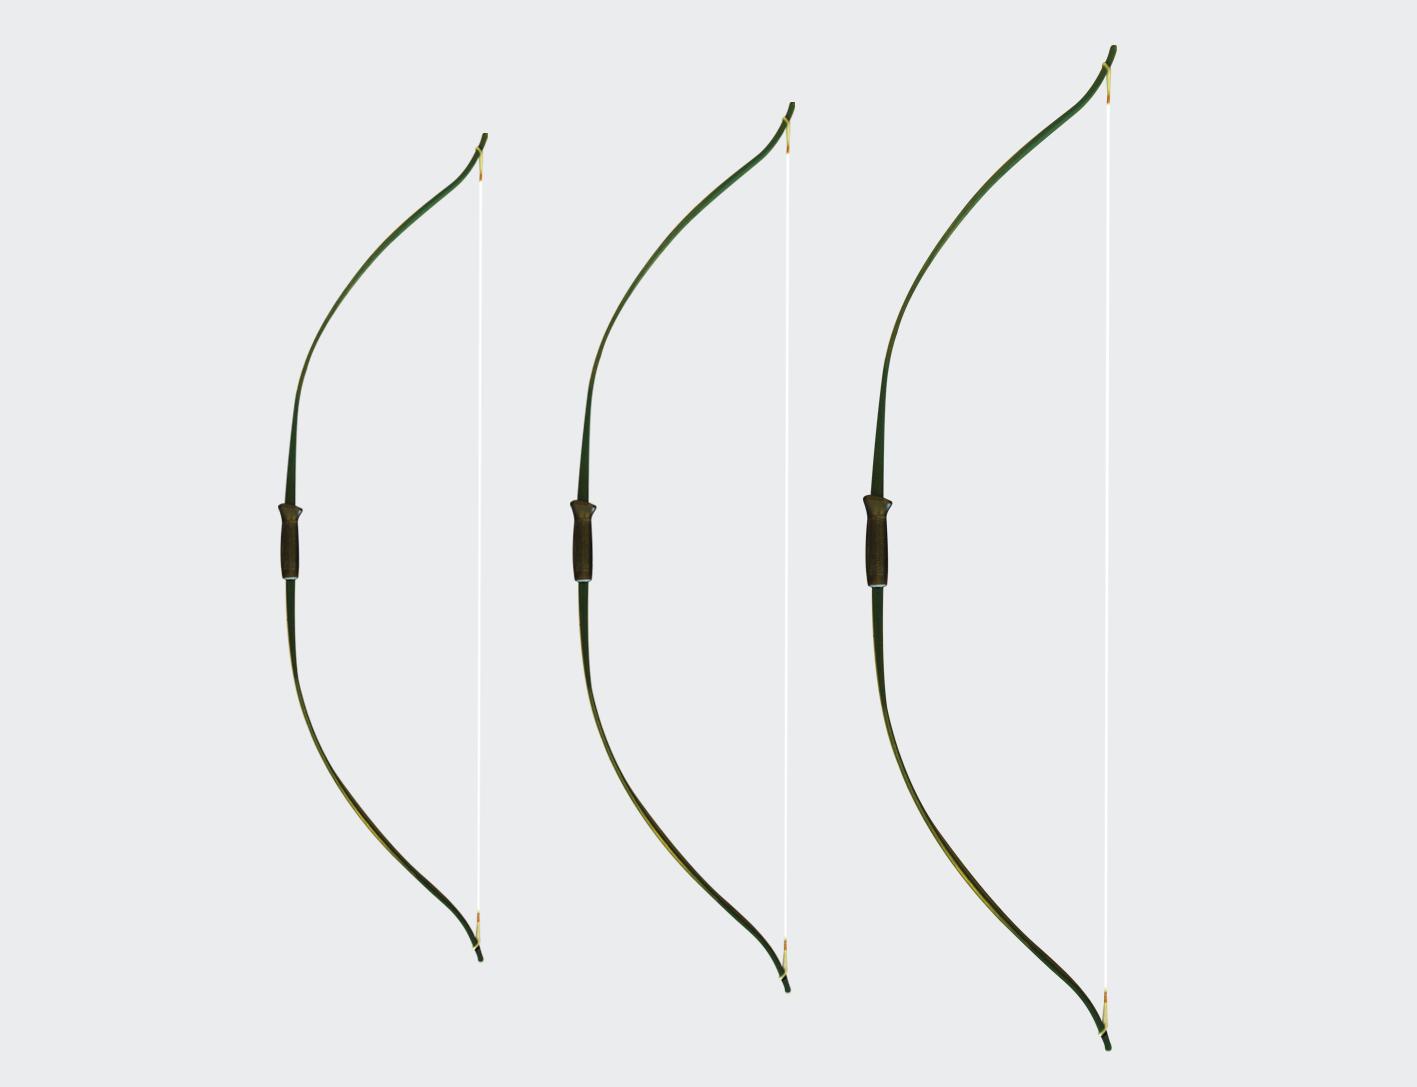 Archery Bow 112cm-0